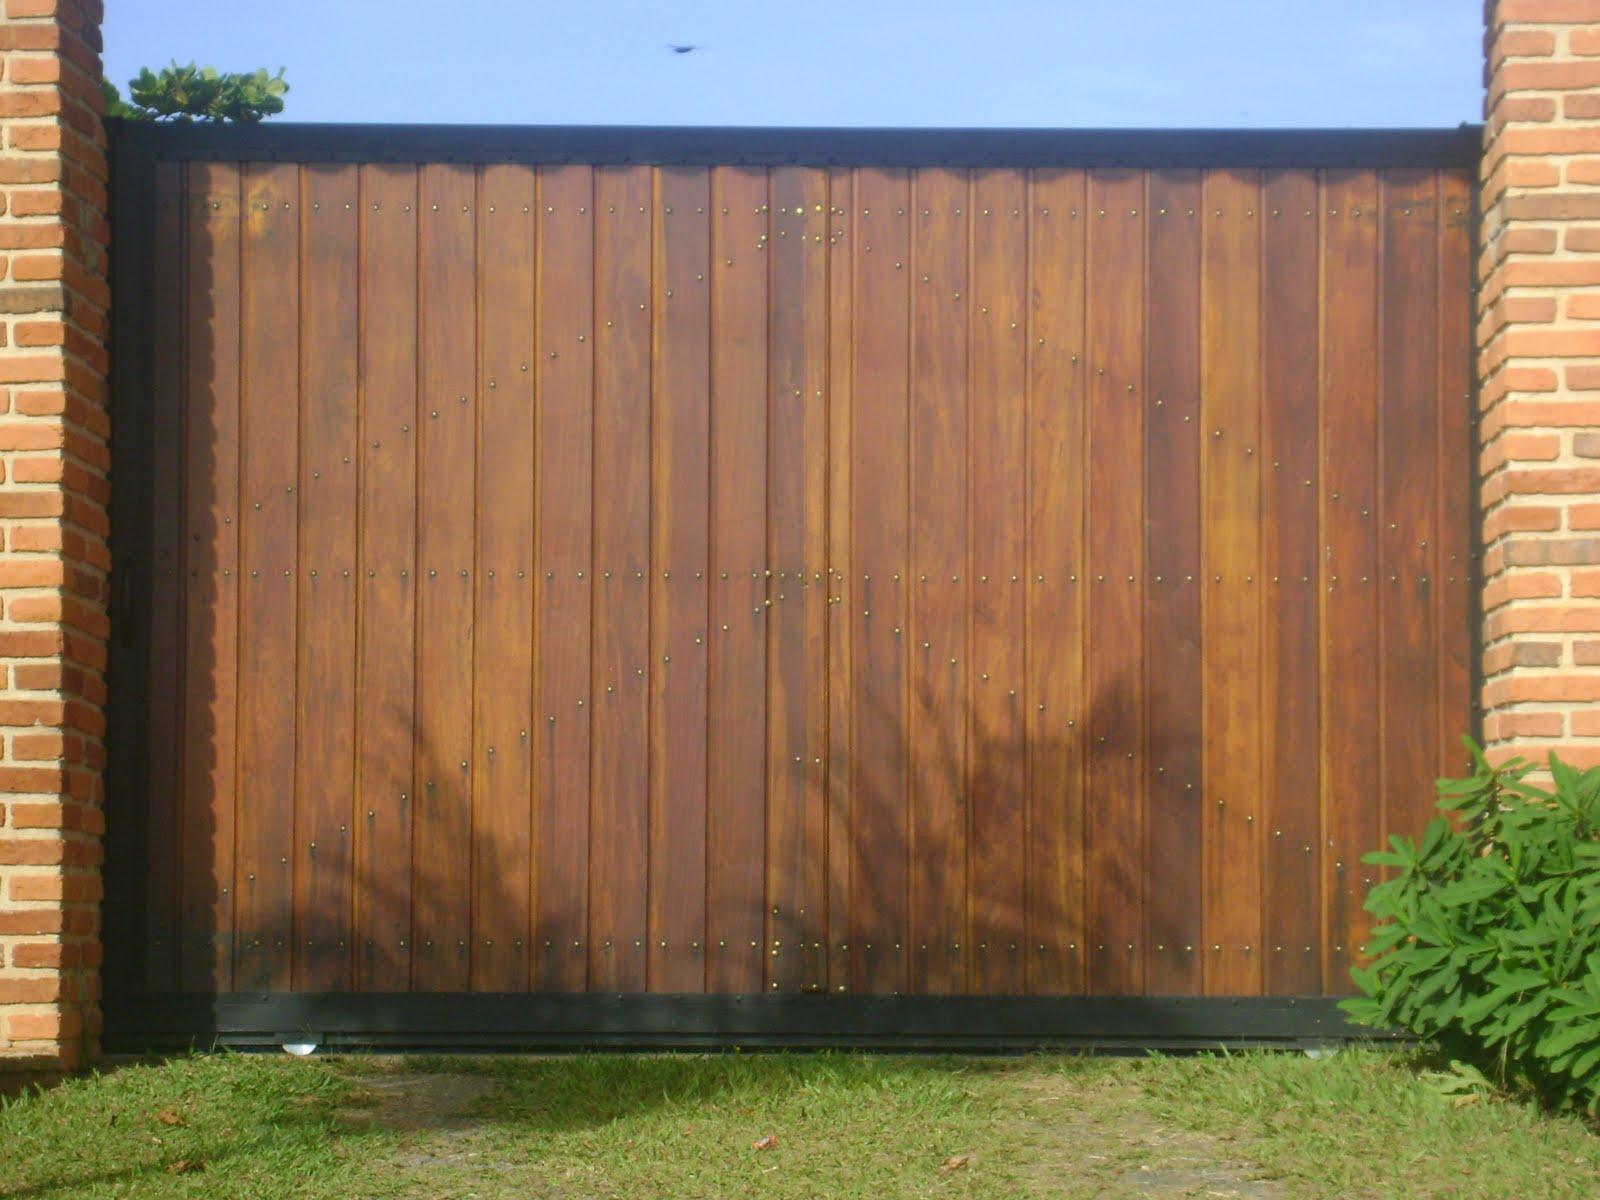 #065DC5 Fotos De Portões De Garagem Lisboa Pictures to pin on Pinterest 1600x1200 px chapa de madeira @ bernauer.info Móveis Antigos Novos E Usados Online